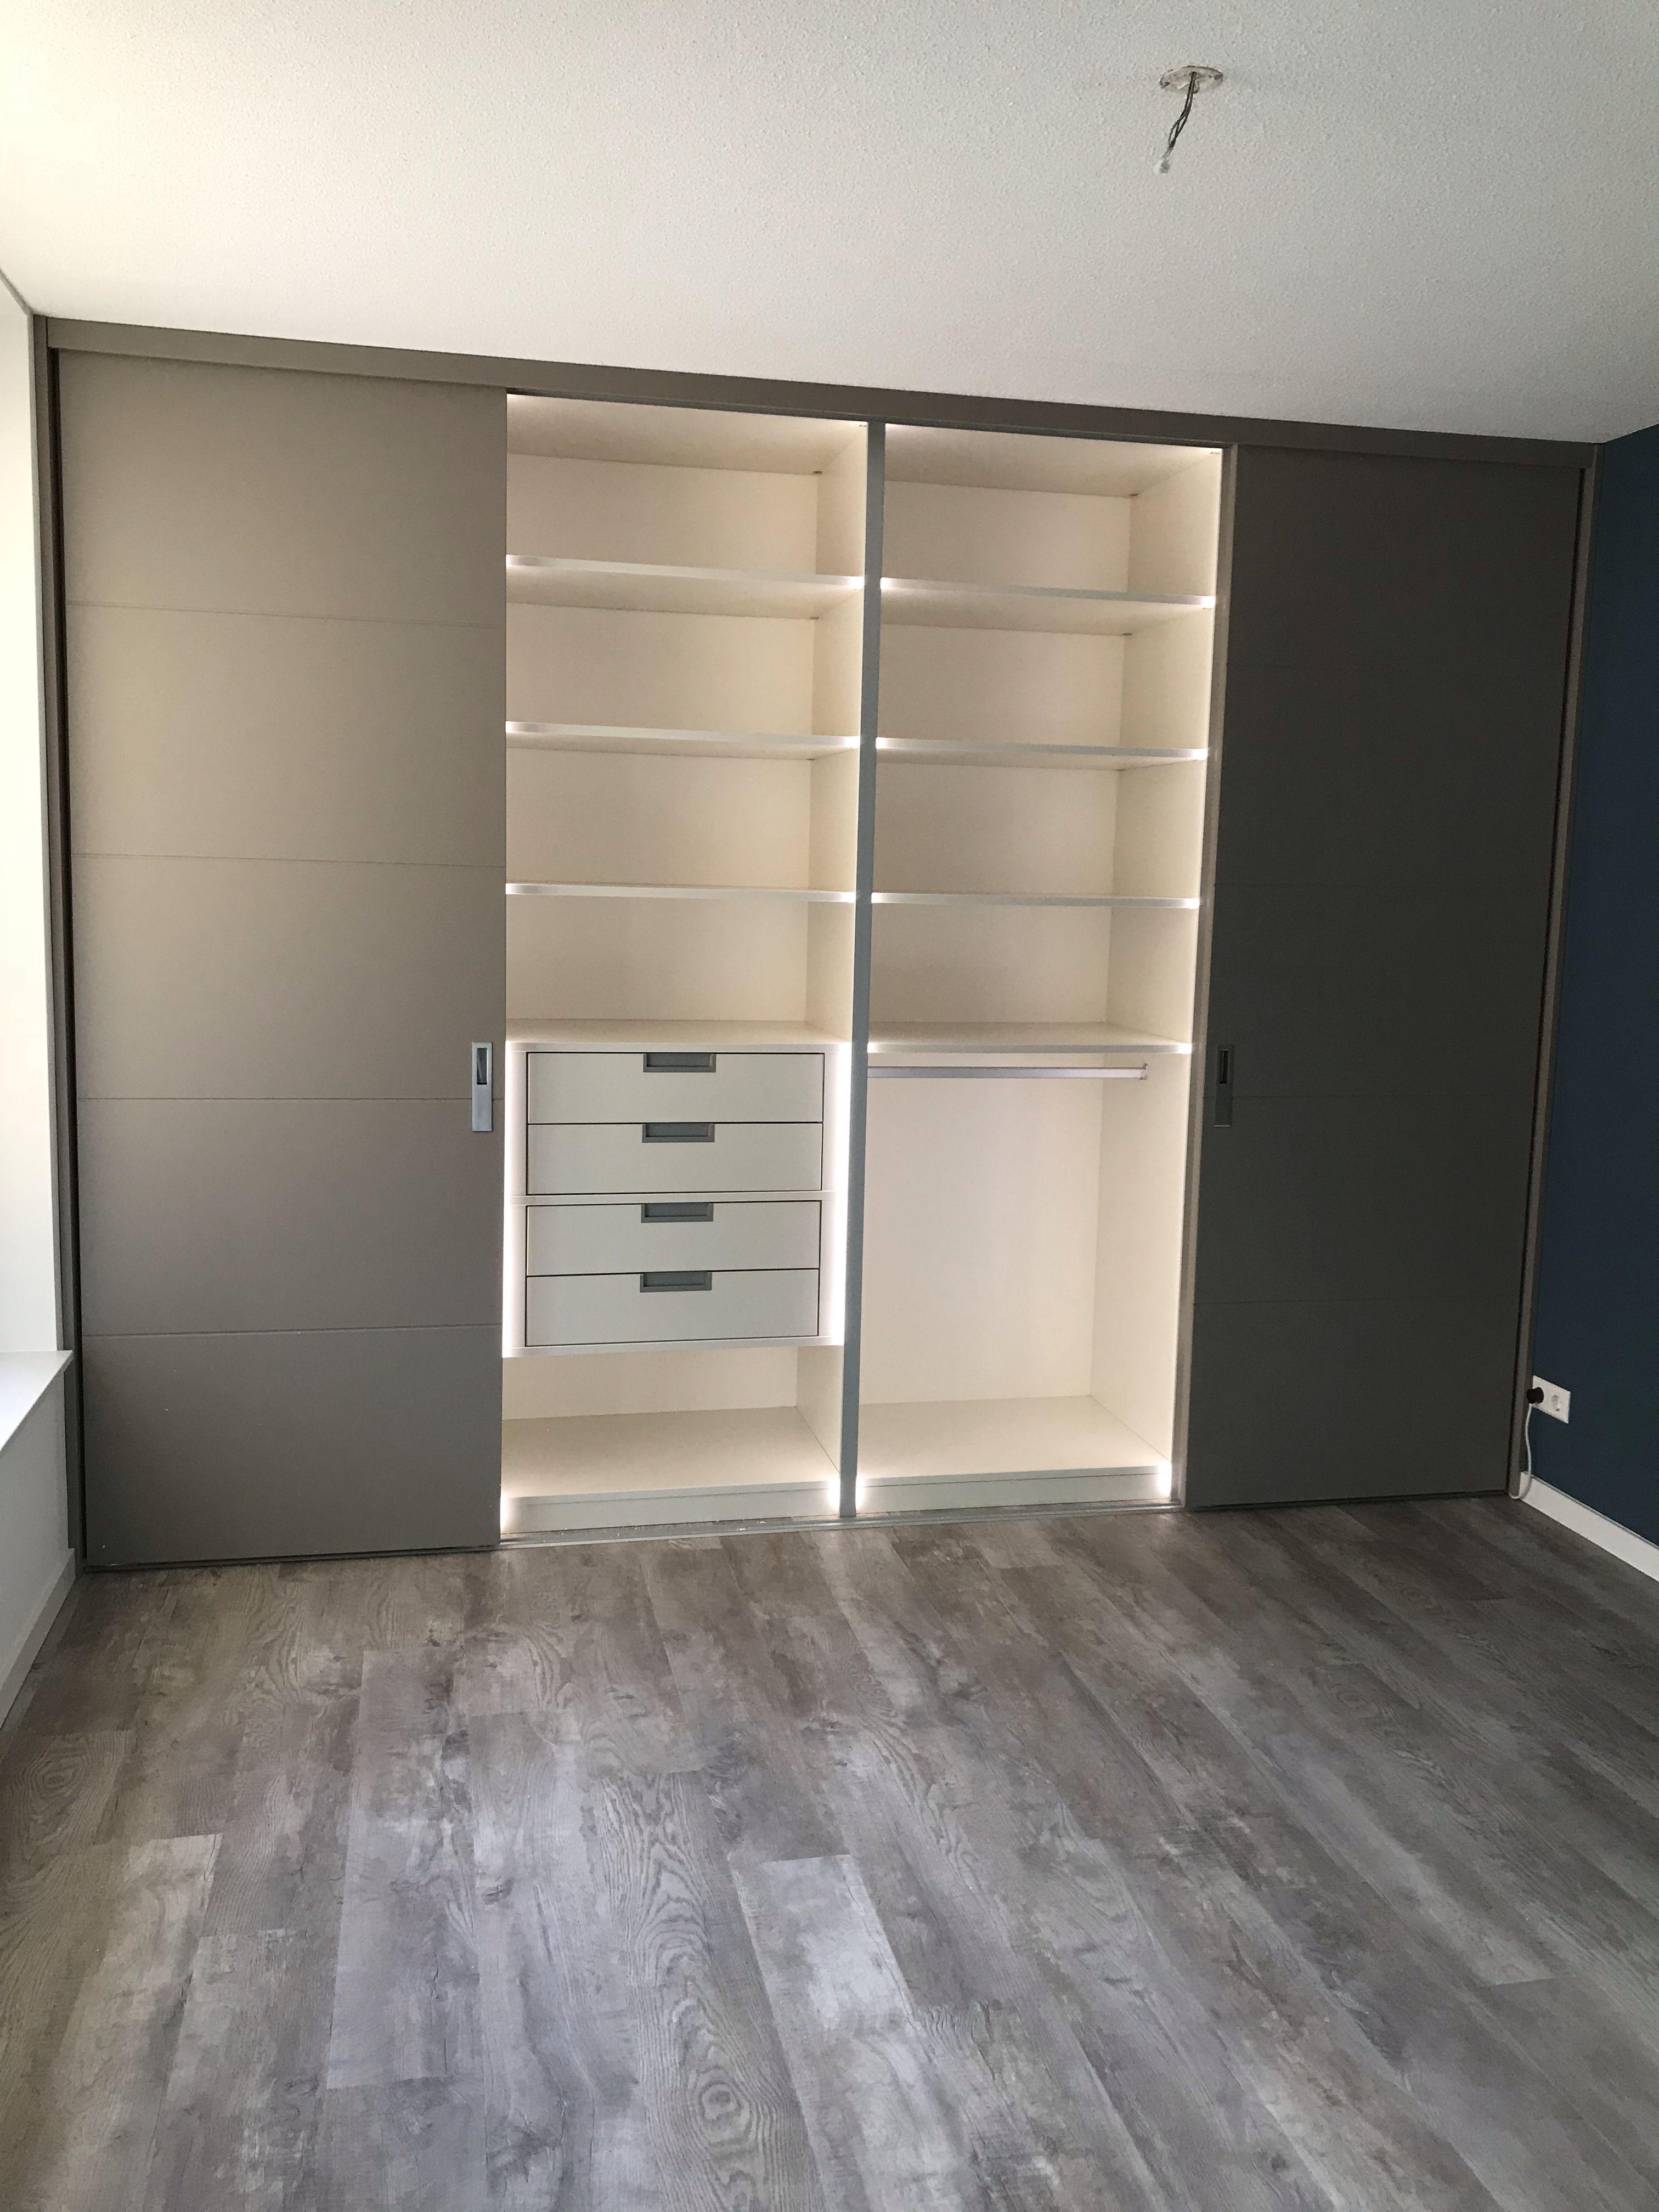 Garderobe Met Schuifdeuren.Garderobekast Met Schuifdeuren Garderobe Kasten In 2019 Locker